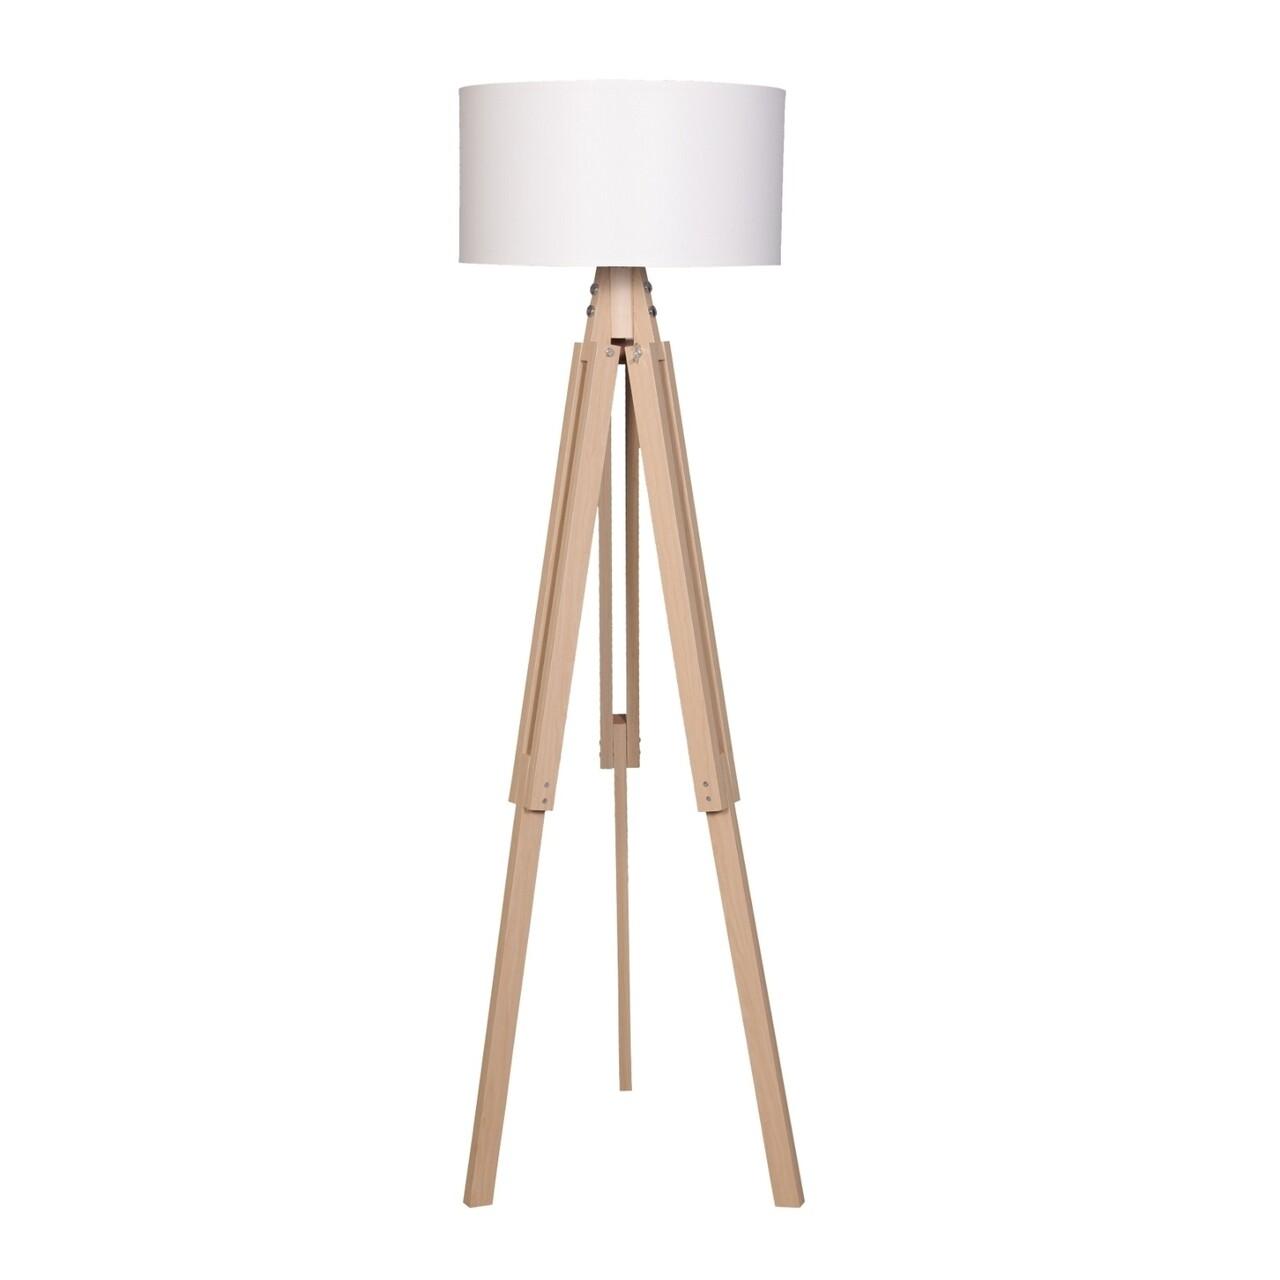 Lampadar Casa Parasio, 38x145 cm, 1 x E27, 60 W, natural